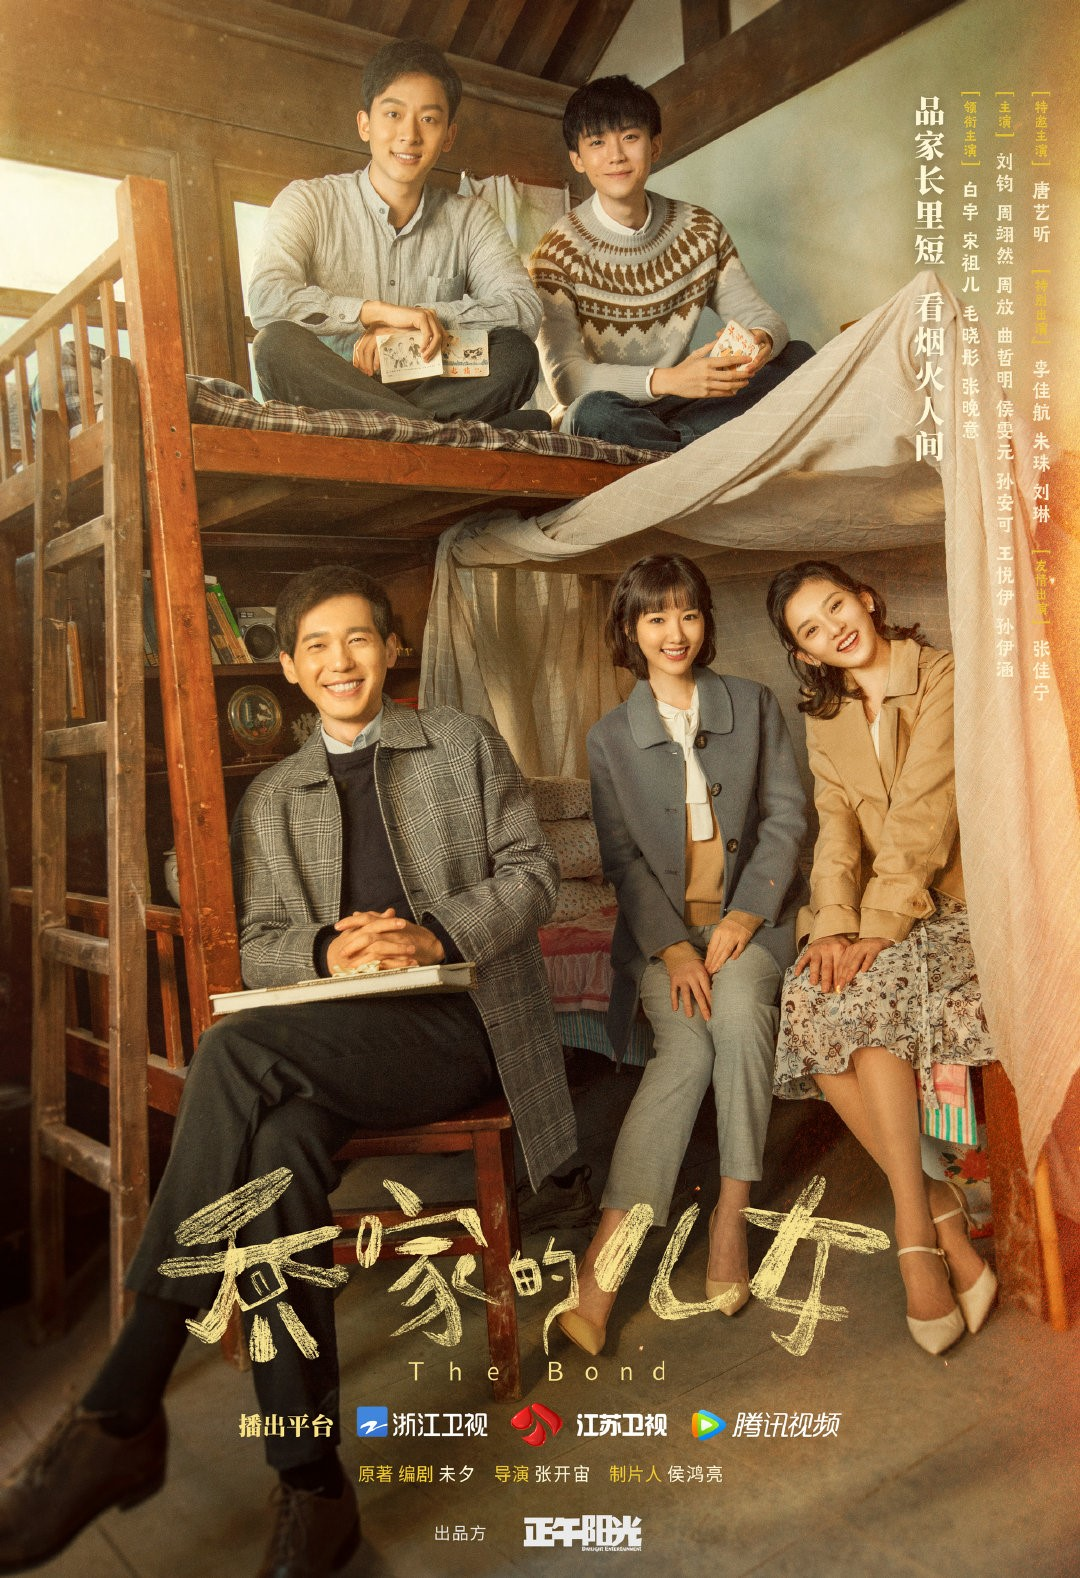 《乔家的儿女》全集网盘【HD1080p】高清国语